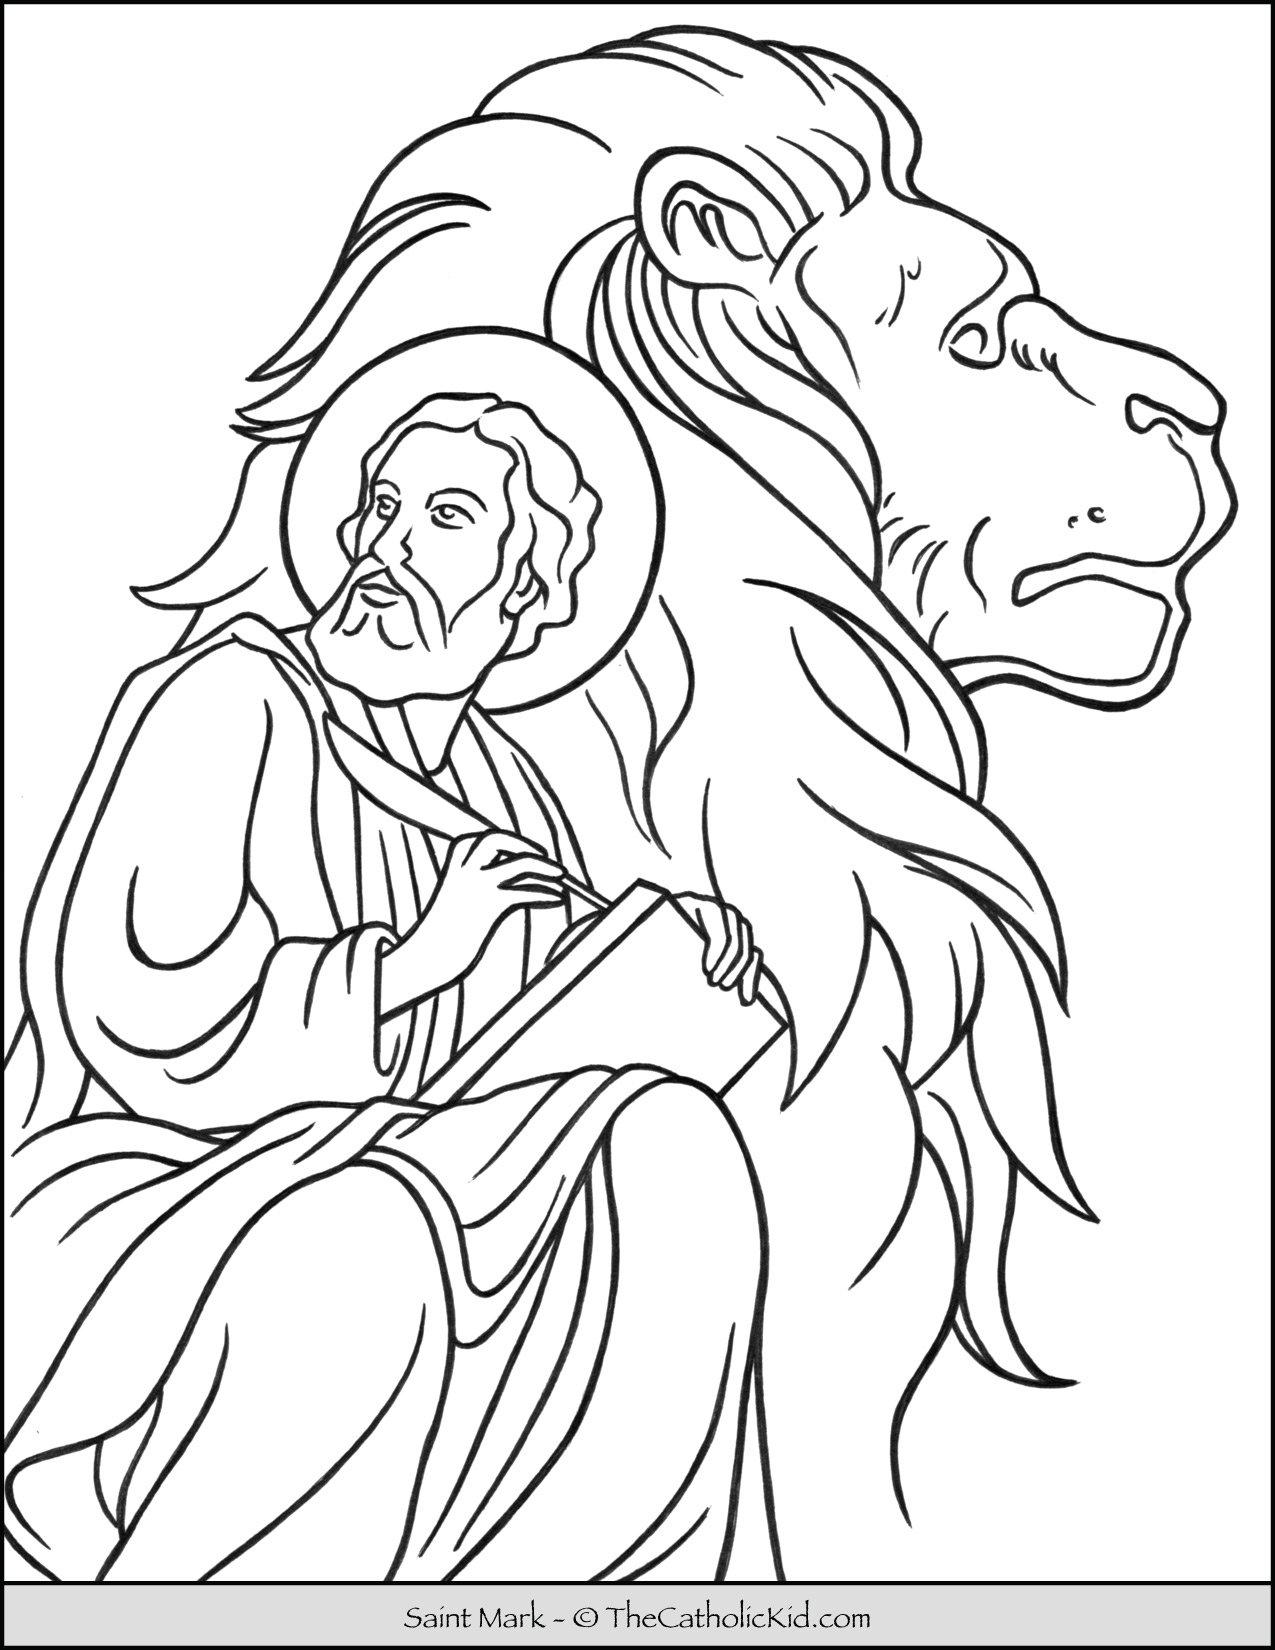 Saint Mark Lion Coloring Page